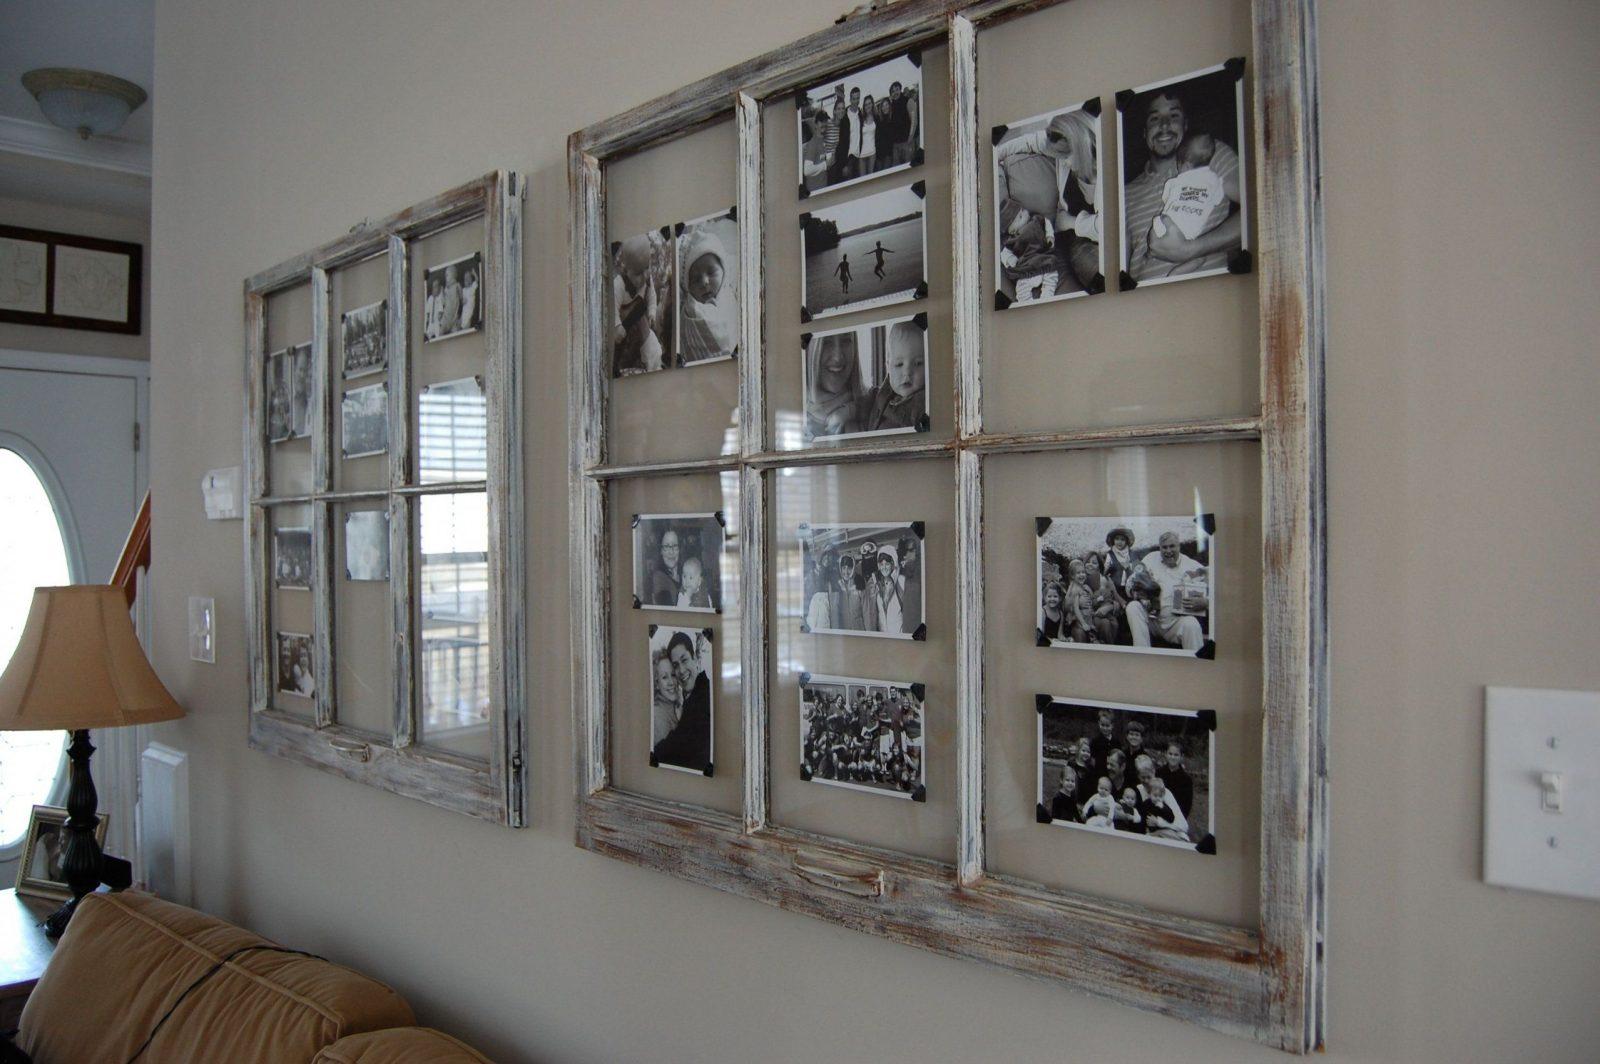 Wir Haben Schöne Alte Fenster Wäre Eine Gute Idee Für Den Flur von Deko Ideen Mit Alten Fenstern Bild